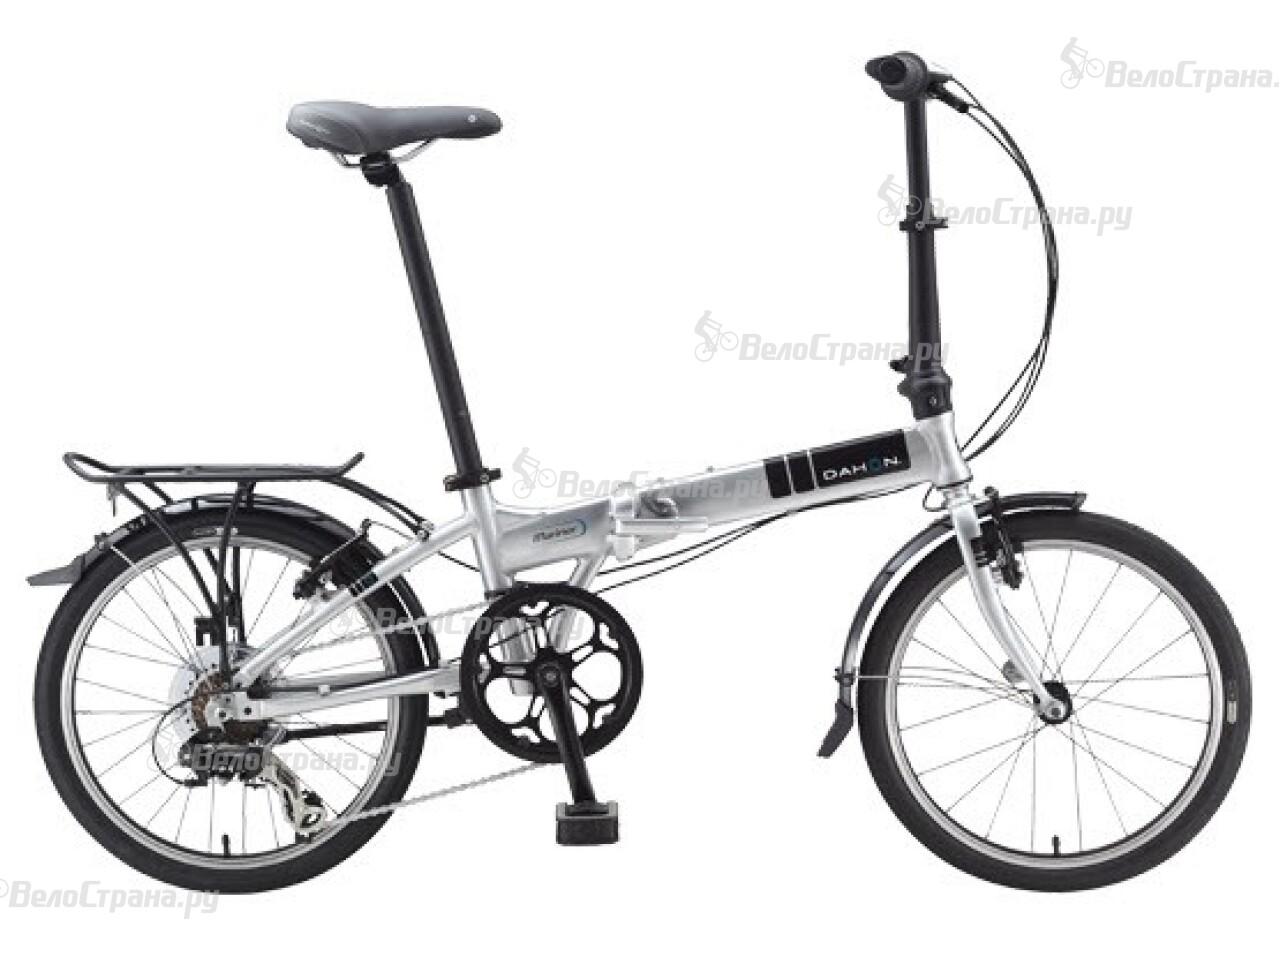 Велосипед Dahon Mariner D7 (2015) велосипед dahon vybe d7 u 2017